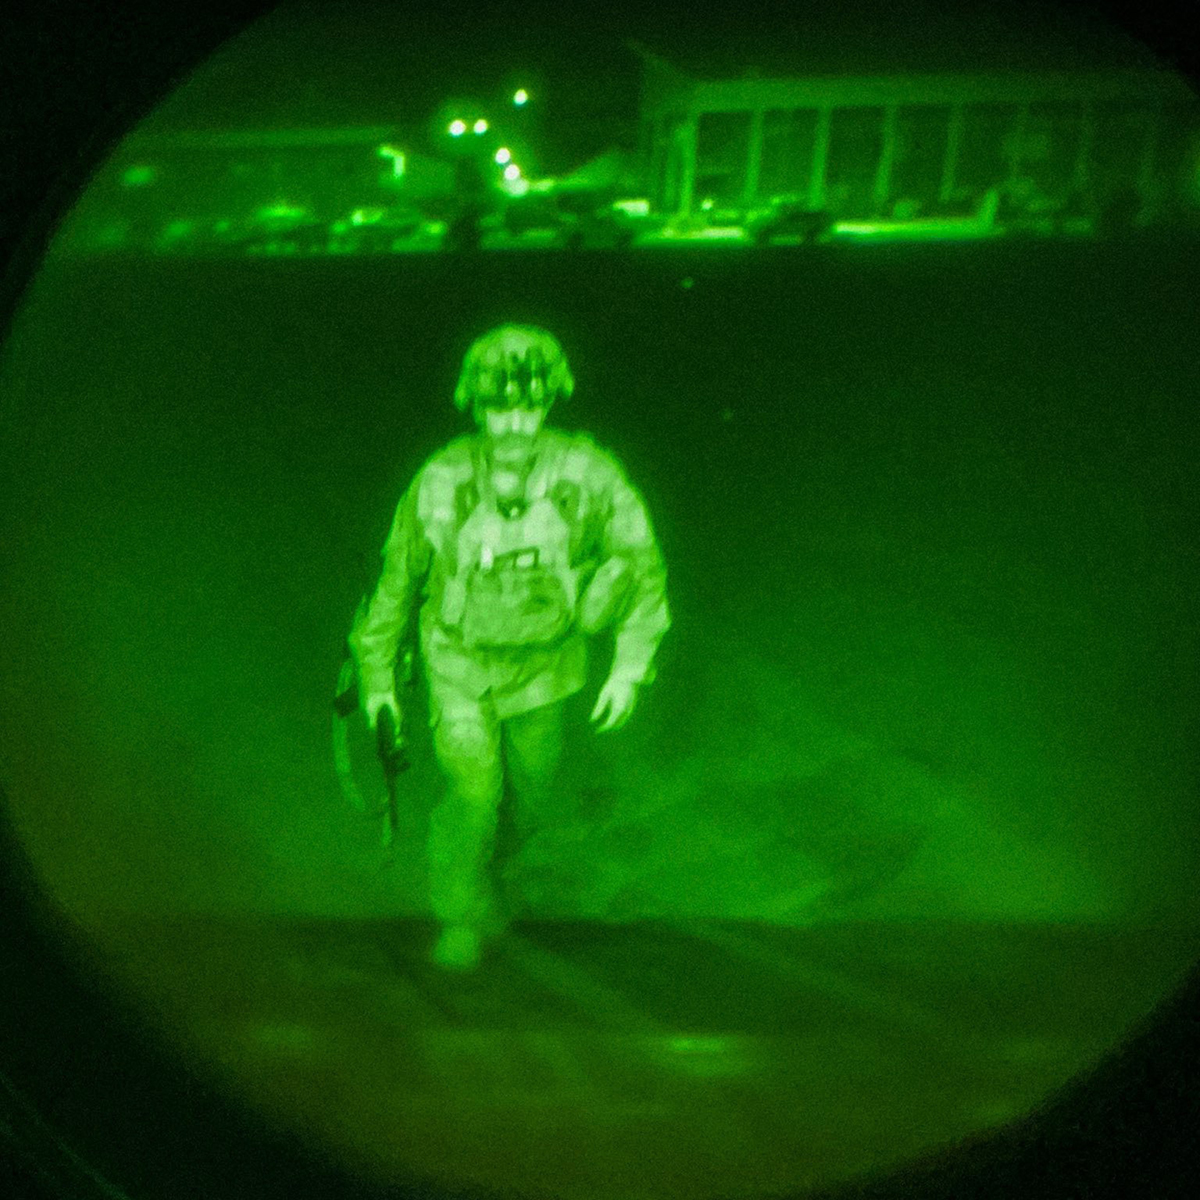 Thiếu tướng Christopher Donahue, binh sĩ Mỹ cuối cùng rời  Afghanistan, bước lên vận tải cơ C-17 ở sân bay Kabul ngày ngày 30/8. Ảnh: USCENTCOM.